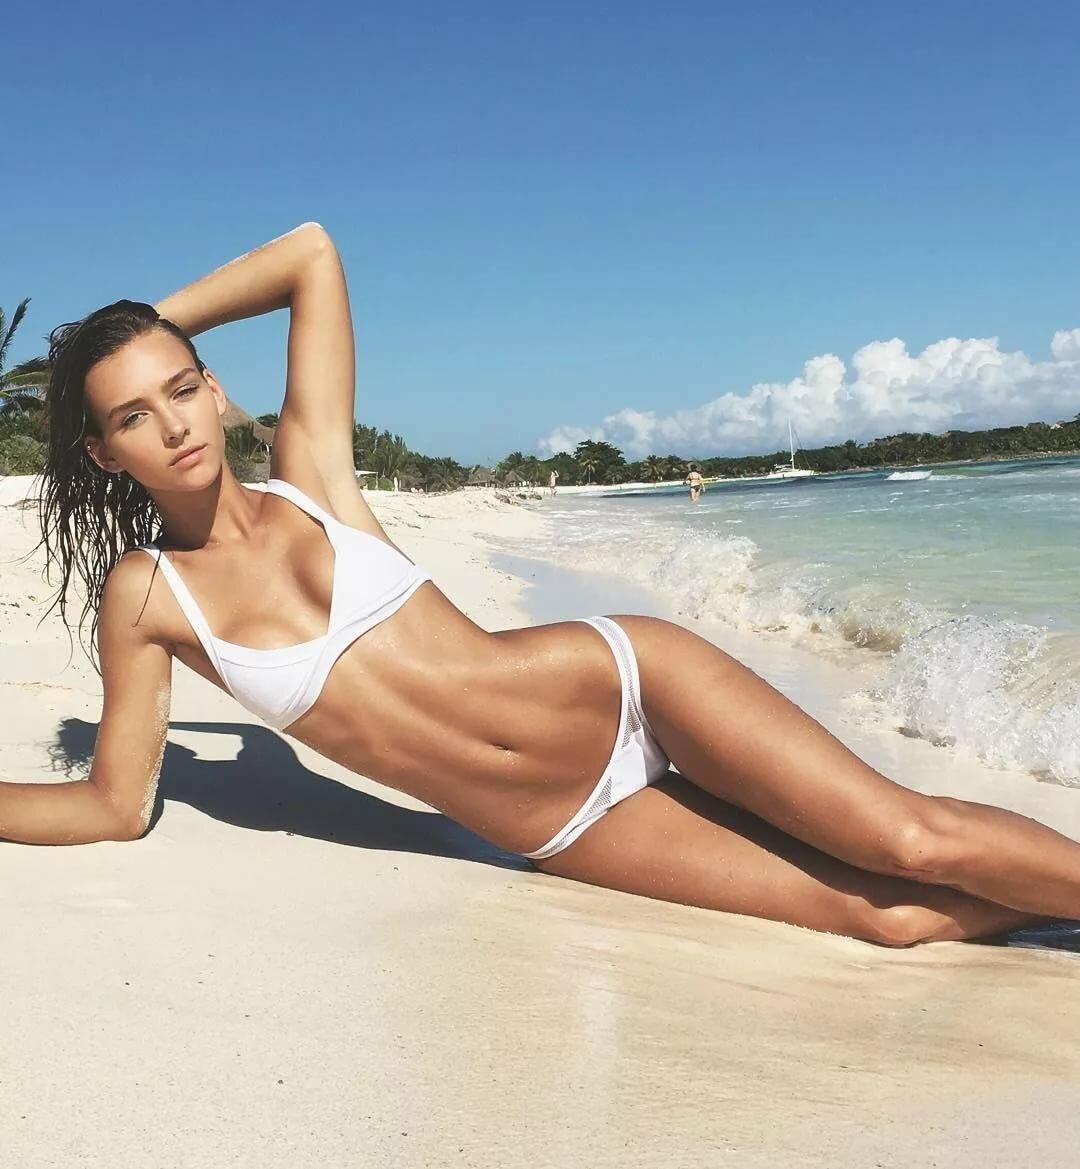 девушки в белых купальниках на пляже фото красоток